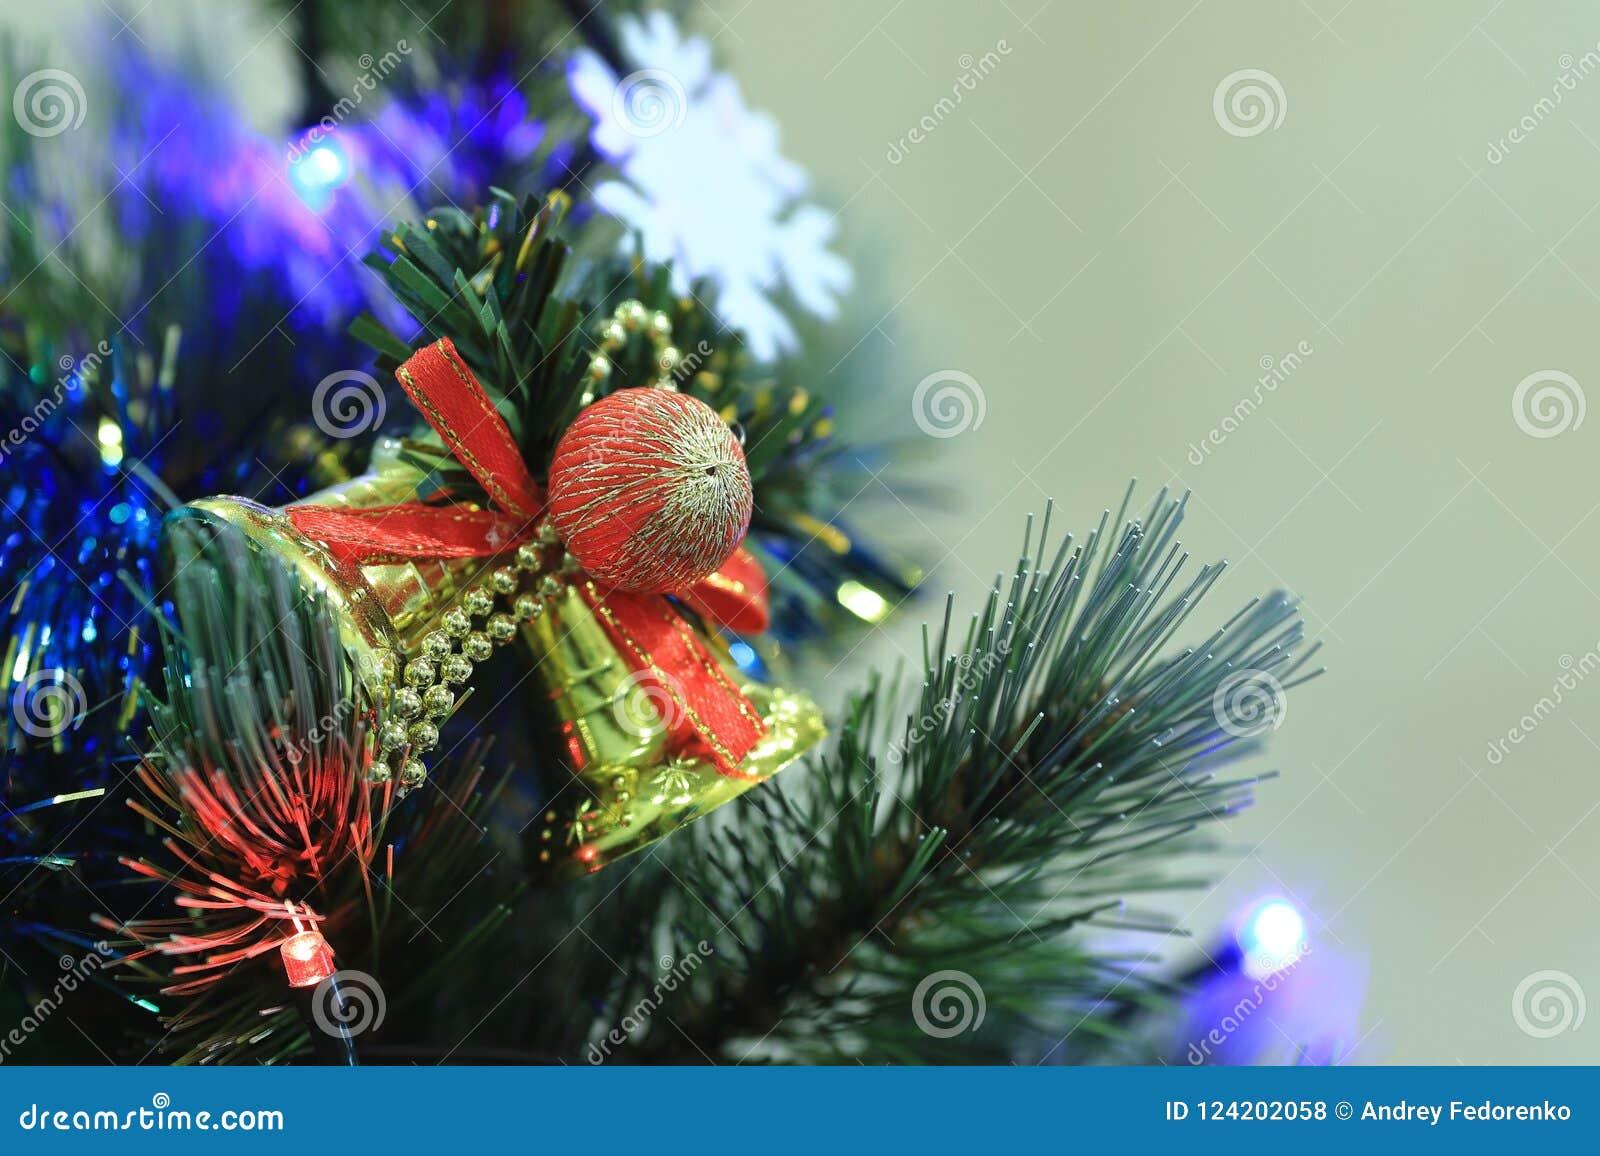 Christmas tree decorations balls hearts tinsel garland